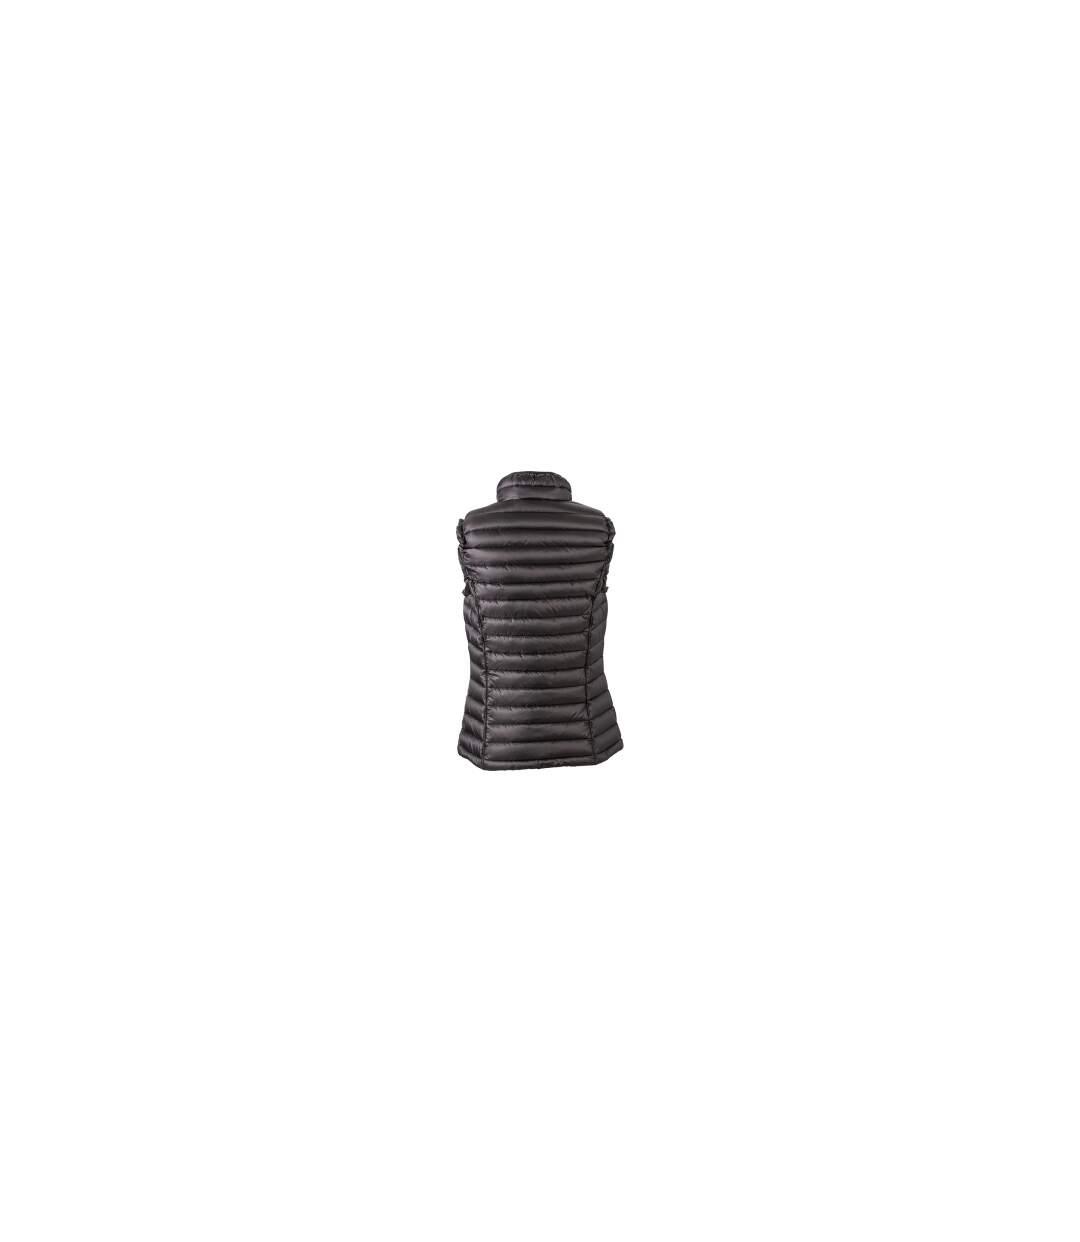 Gilet sans manches matelassé duvet FEMME - JN1079 noir - doudoune anorak